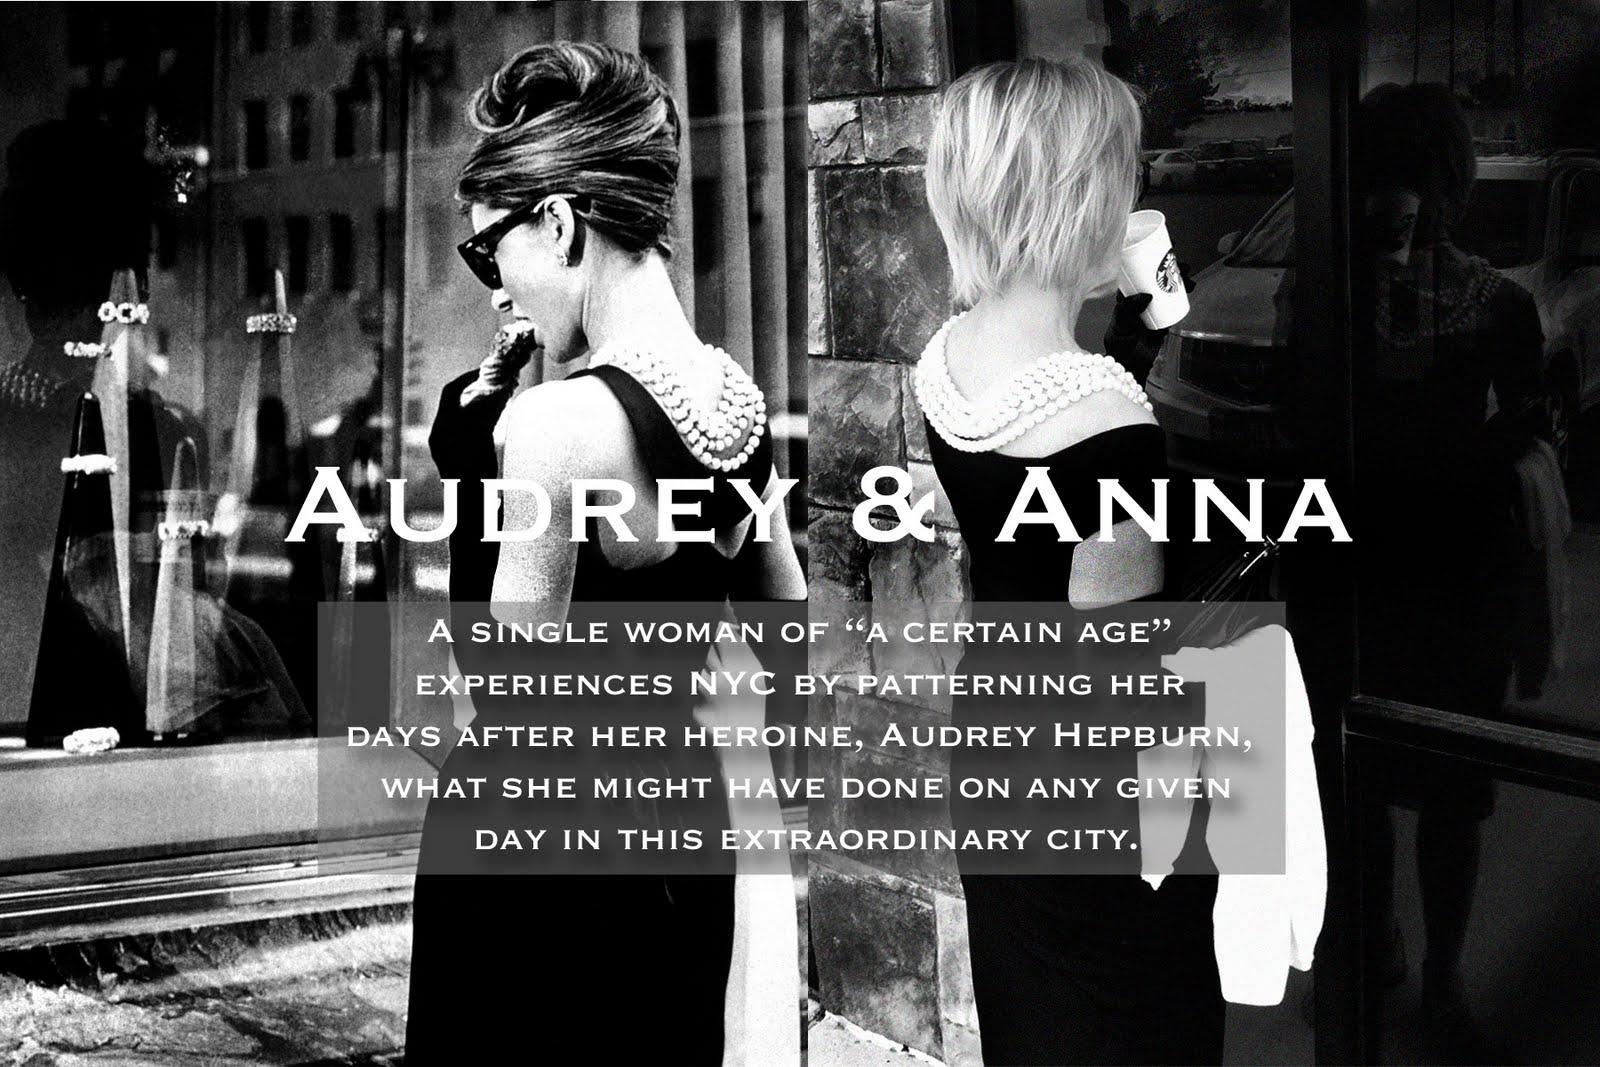 Audrey & Anna